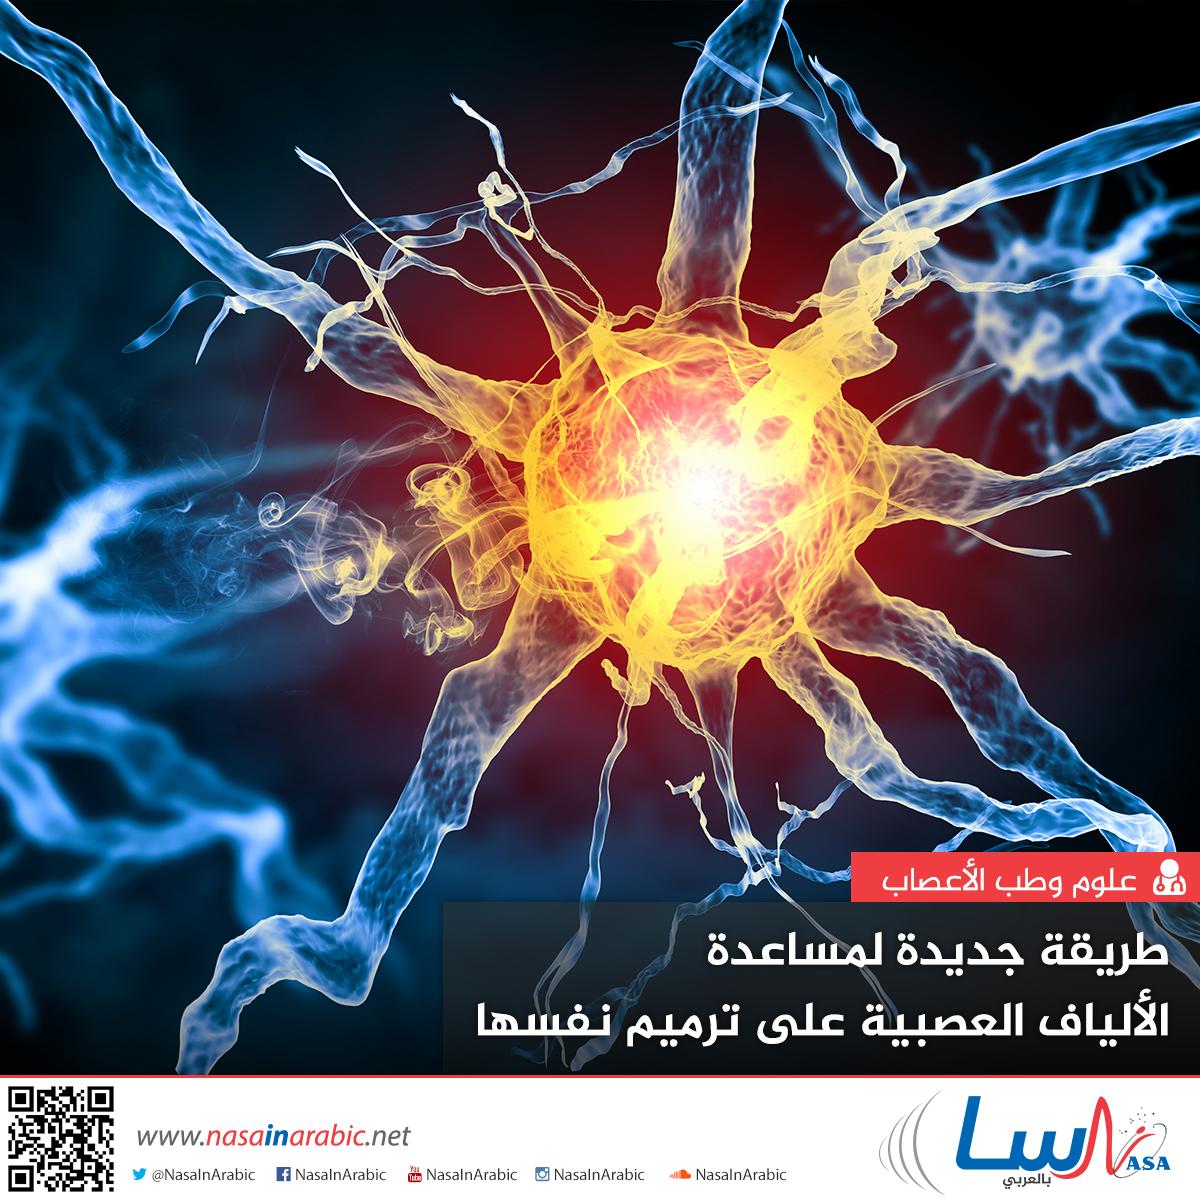 طريقة جديدة لمساعدة الألياف العصبية على ترميم نفسها